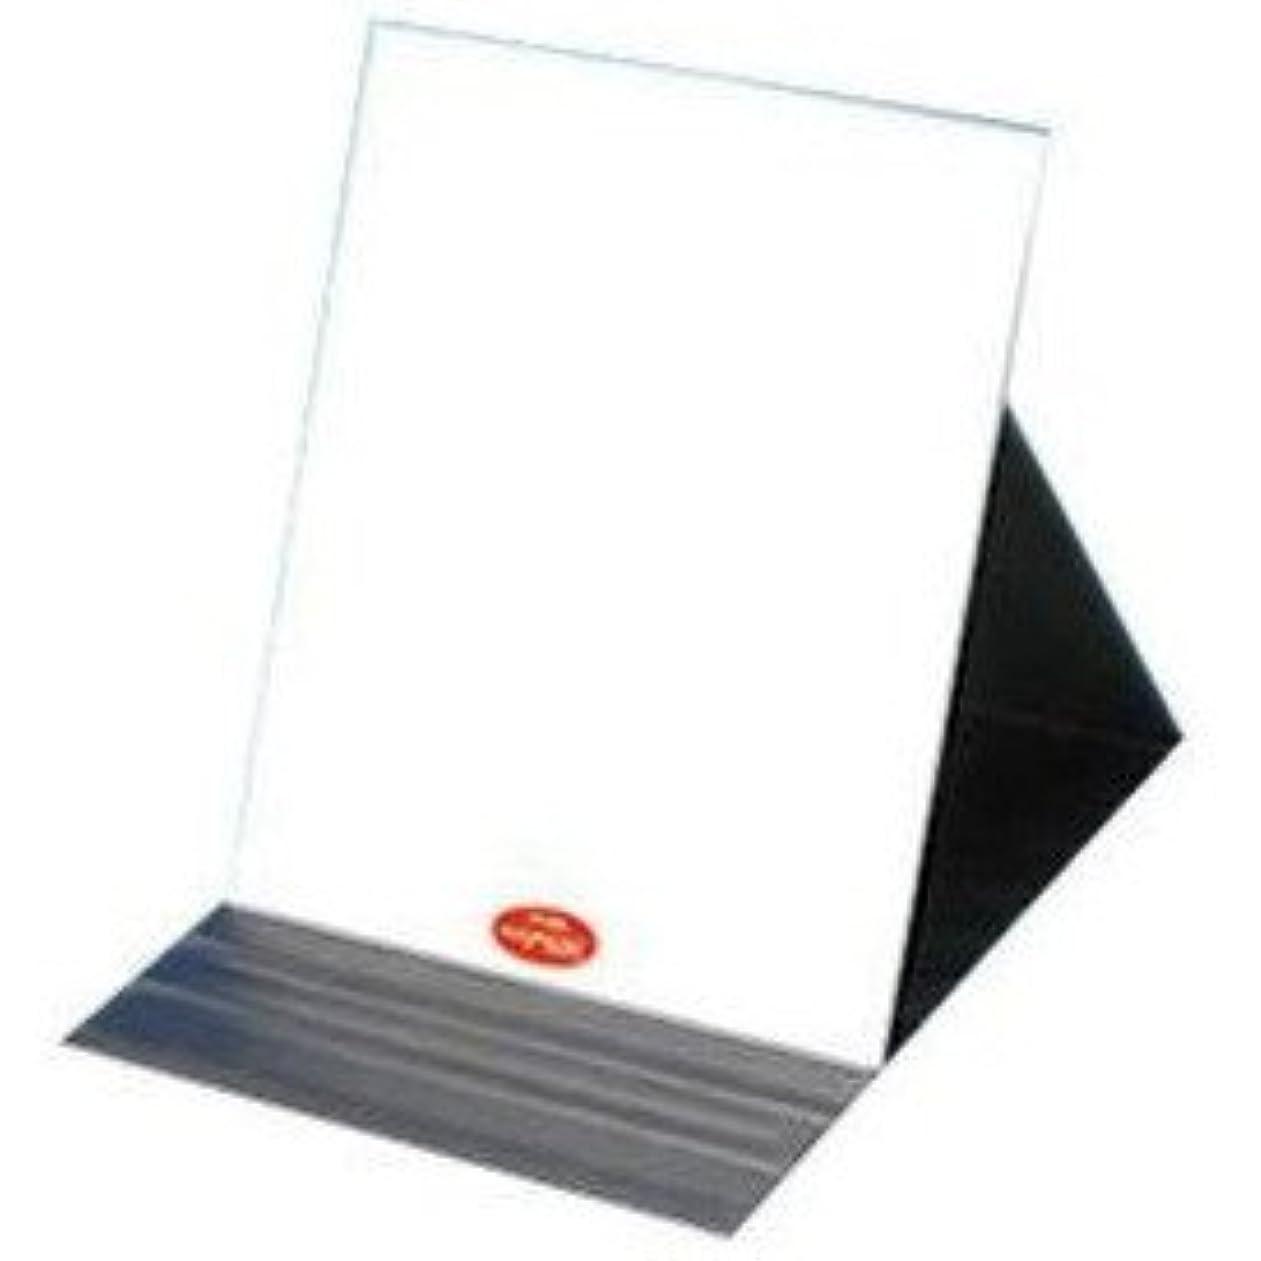 役割締め切り天才ありのままの貴女を映し出す鏡『ナピュア プロモデル角度調整3段階付き折立ミラー エコ3L』